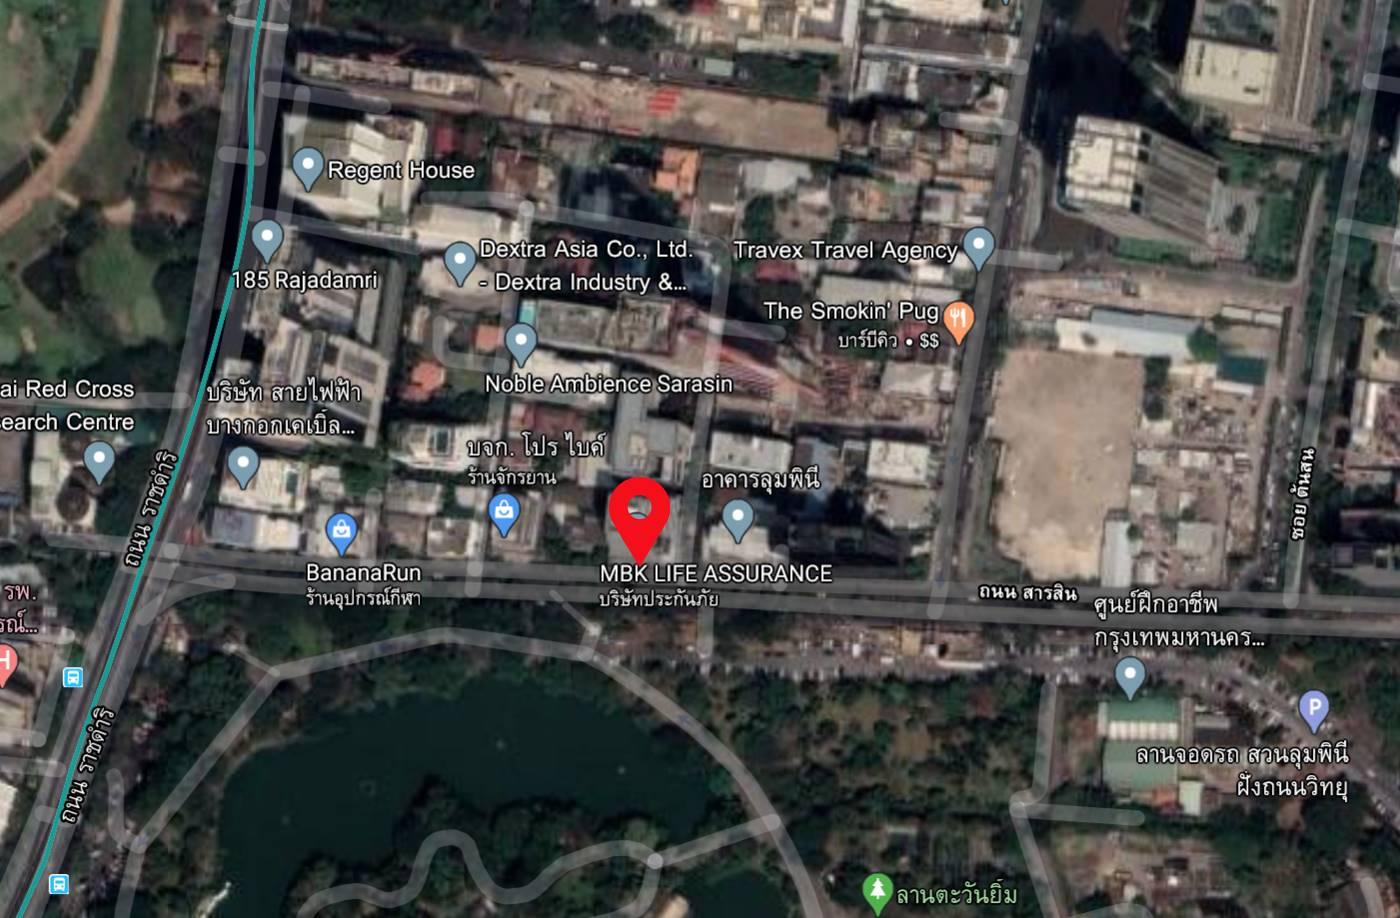 SIRI ปิดดีลที่ดินแพงสุด ผุดคอนโดฯซูเปอร์ลักชัวรี่ย่านสารสิน   Prop2Morrow บ้าน คอนโด ข่าวอสังหาฯ